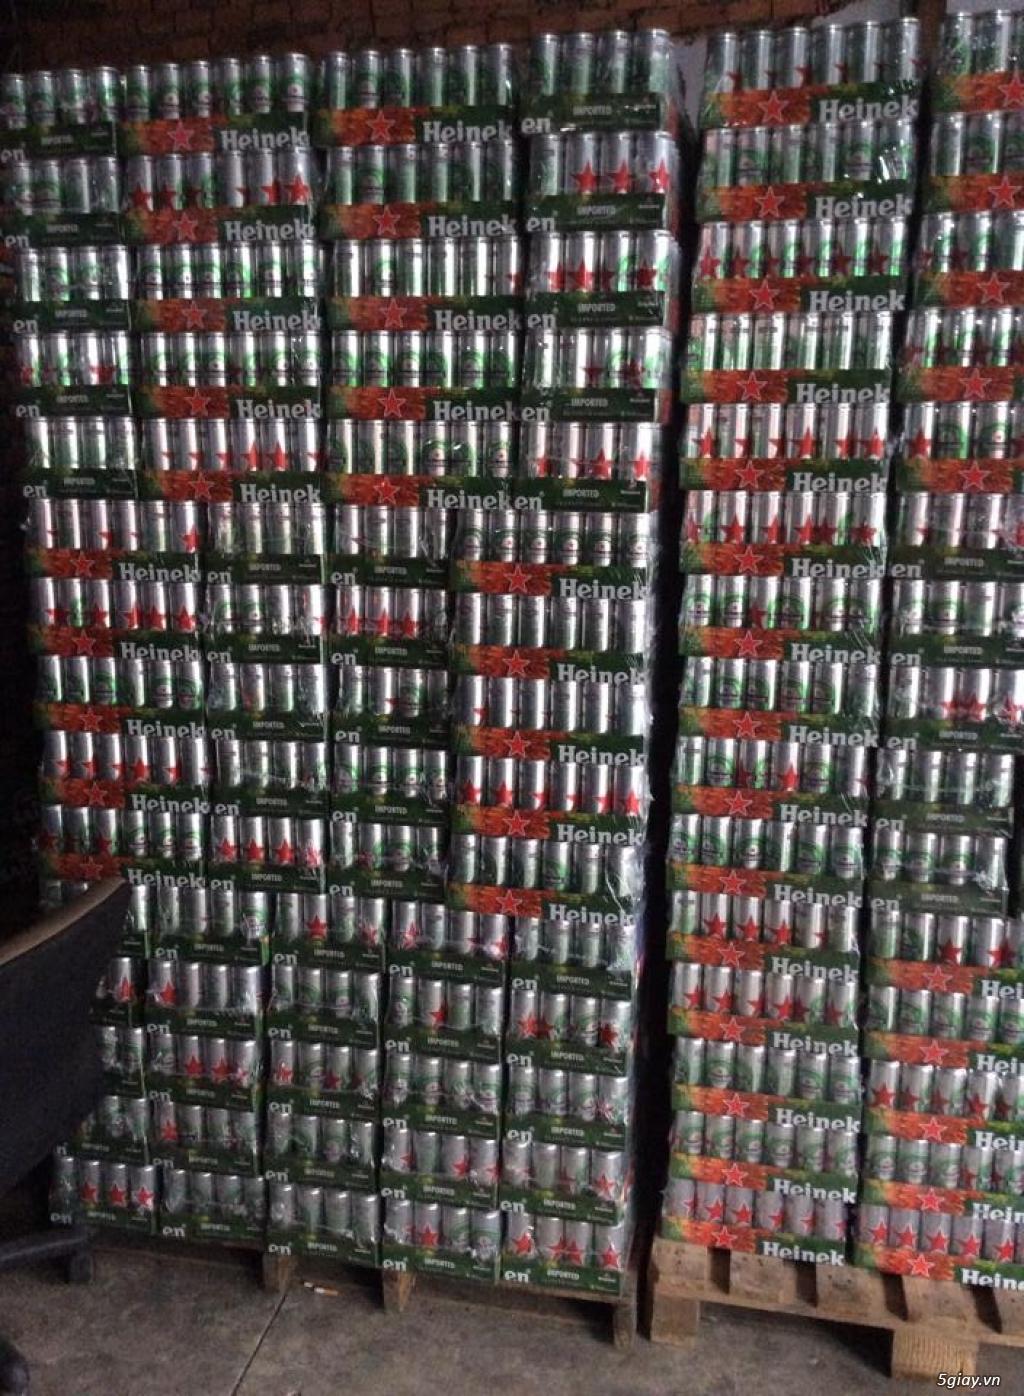 Kết quả hình ảnh cho bia heineken lon 250ml